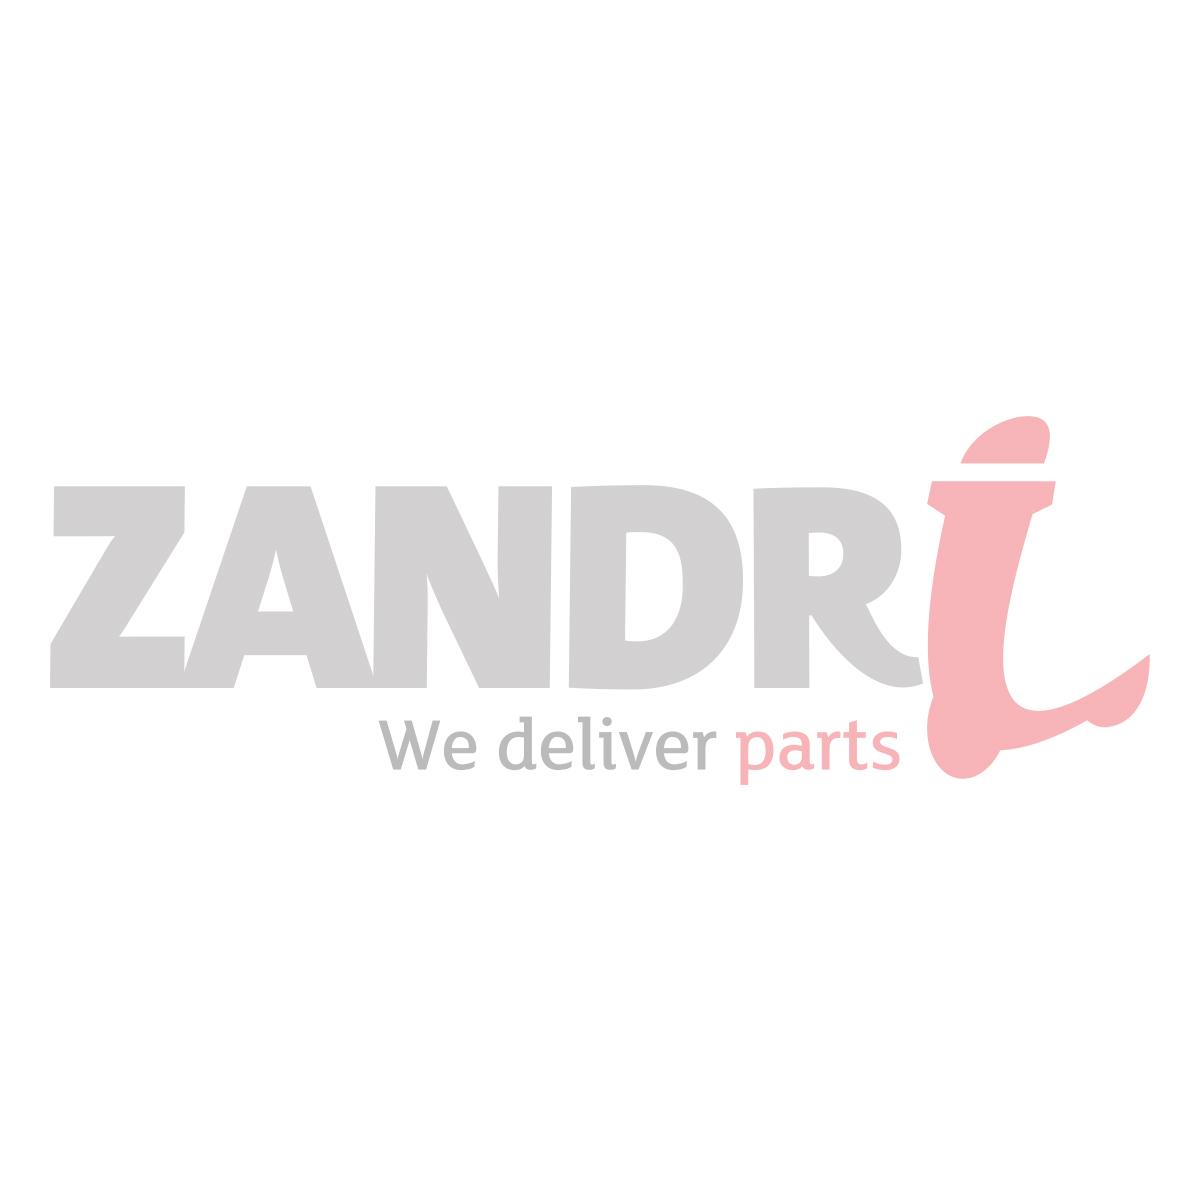 Carburateur- Luchtfilter Peugeot Vivacity 2 E2 2-Takt